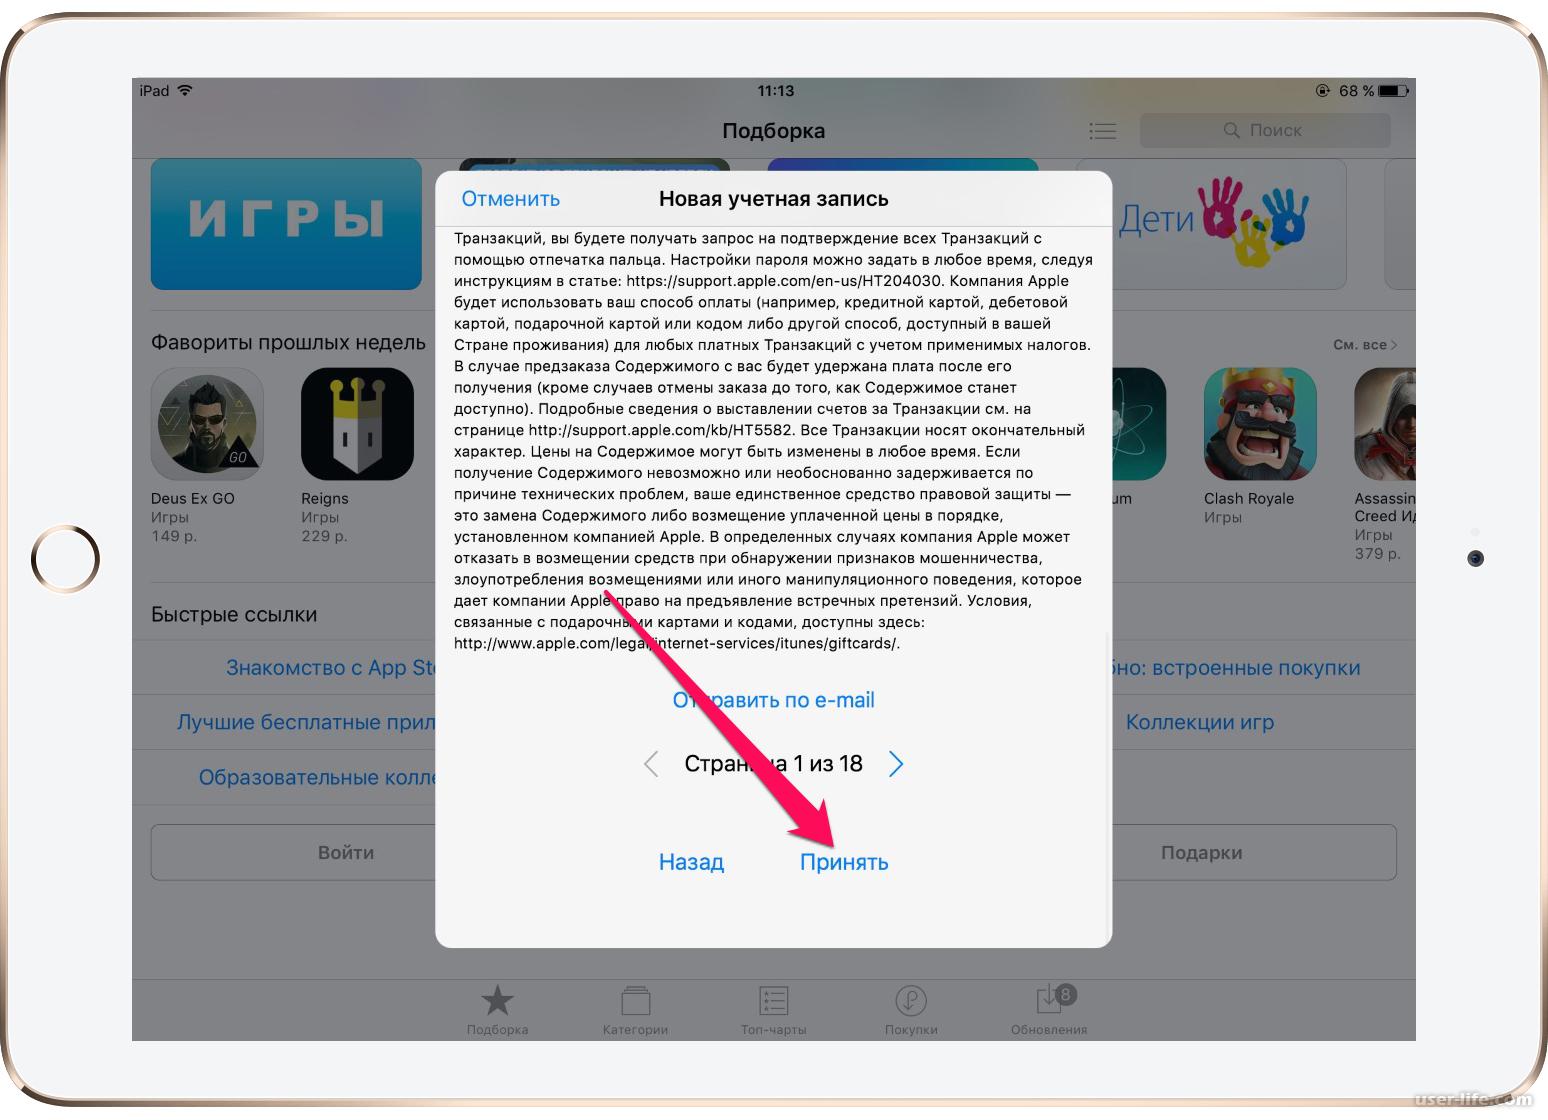 Как зарегистрировать аккаунт apple id без кредитной карты | nastroyka.zp.ua - услуги по настройке техники